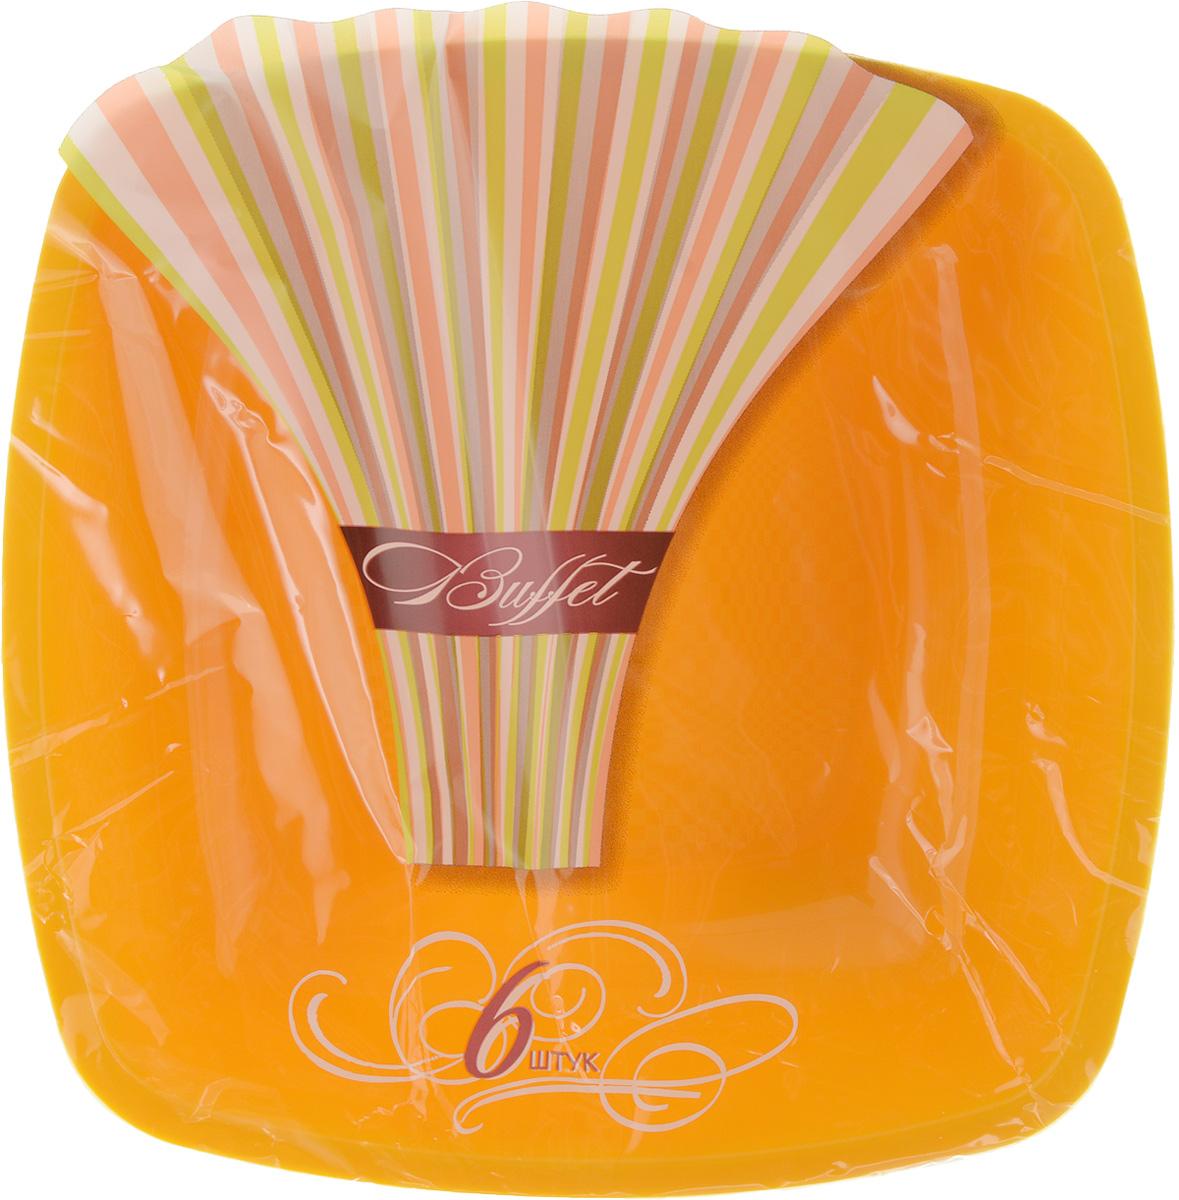 Набор одноразовых глубоких тарелок Buffet, цвет: желтый, 18 х 18 см, 6 шт183893/_желтыйНабор Buffet состоит из 6 глубоких тарелок, выполненных из полипропилена и предназначенных для одноразового использования. Такие тарелки подходят для пищевых продуктов и будут незаменимы при поездках на природу, пикниках и других мероприятиях. Они не займут много места, легки и самое главное - после использования их не надо мыть.Размер тарелки: 18 х 18 см. Высота тарелки: 4 см.